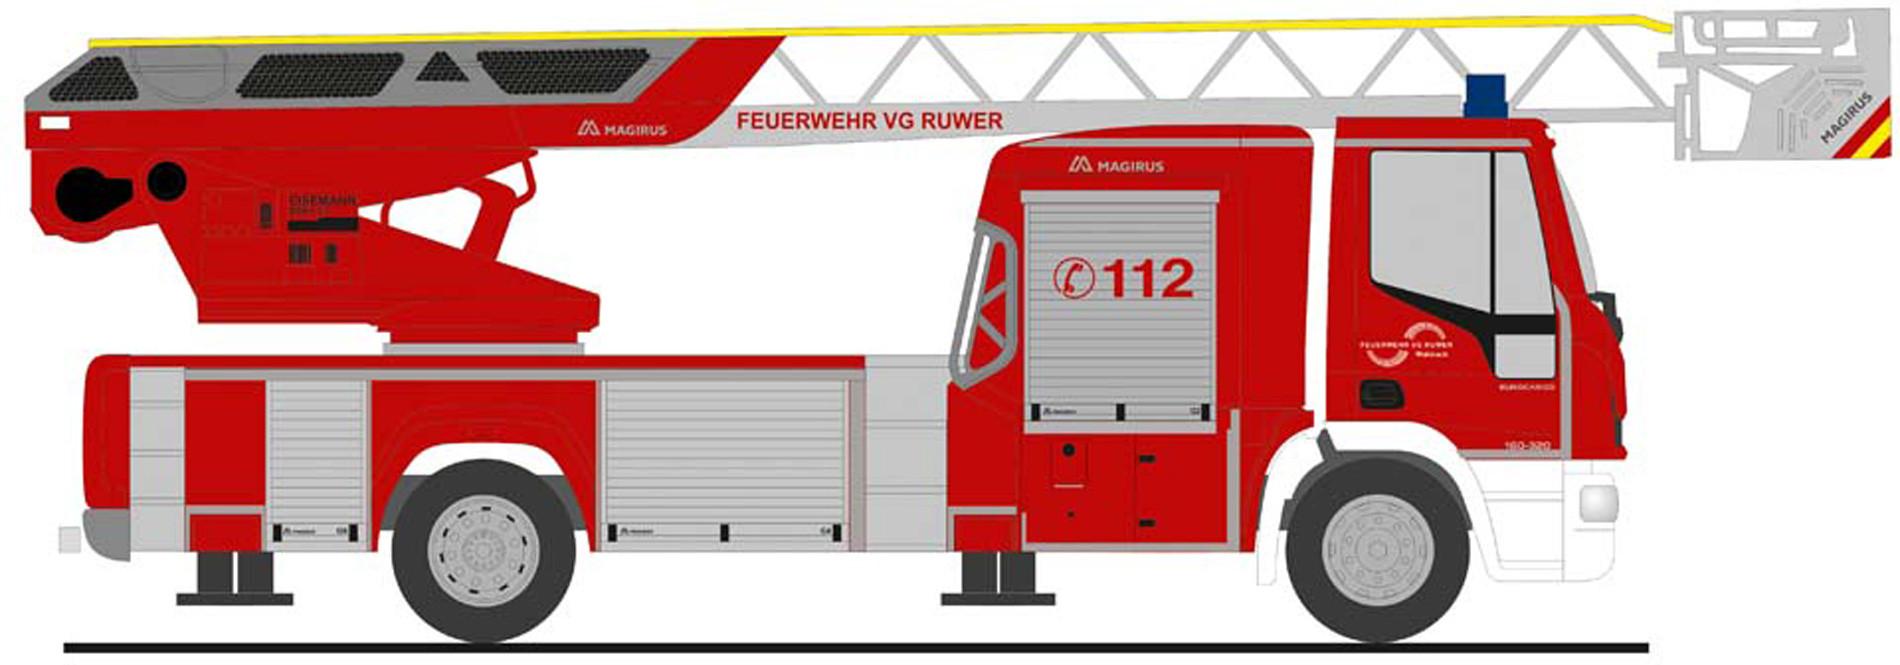 """Rietze IVECO DLK L32 `18 """" Feuerwehr Waldach """", NH Herbst 2020,(Vorbestellung / Modell noch nicht lieferbar !!!)"""